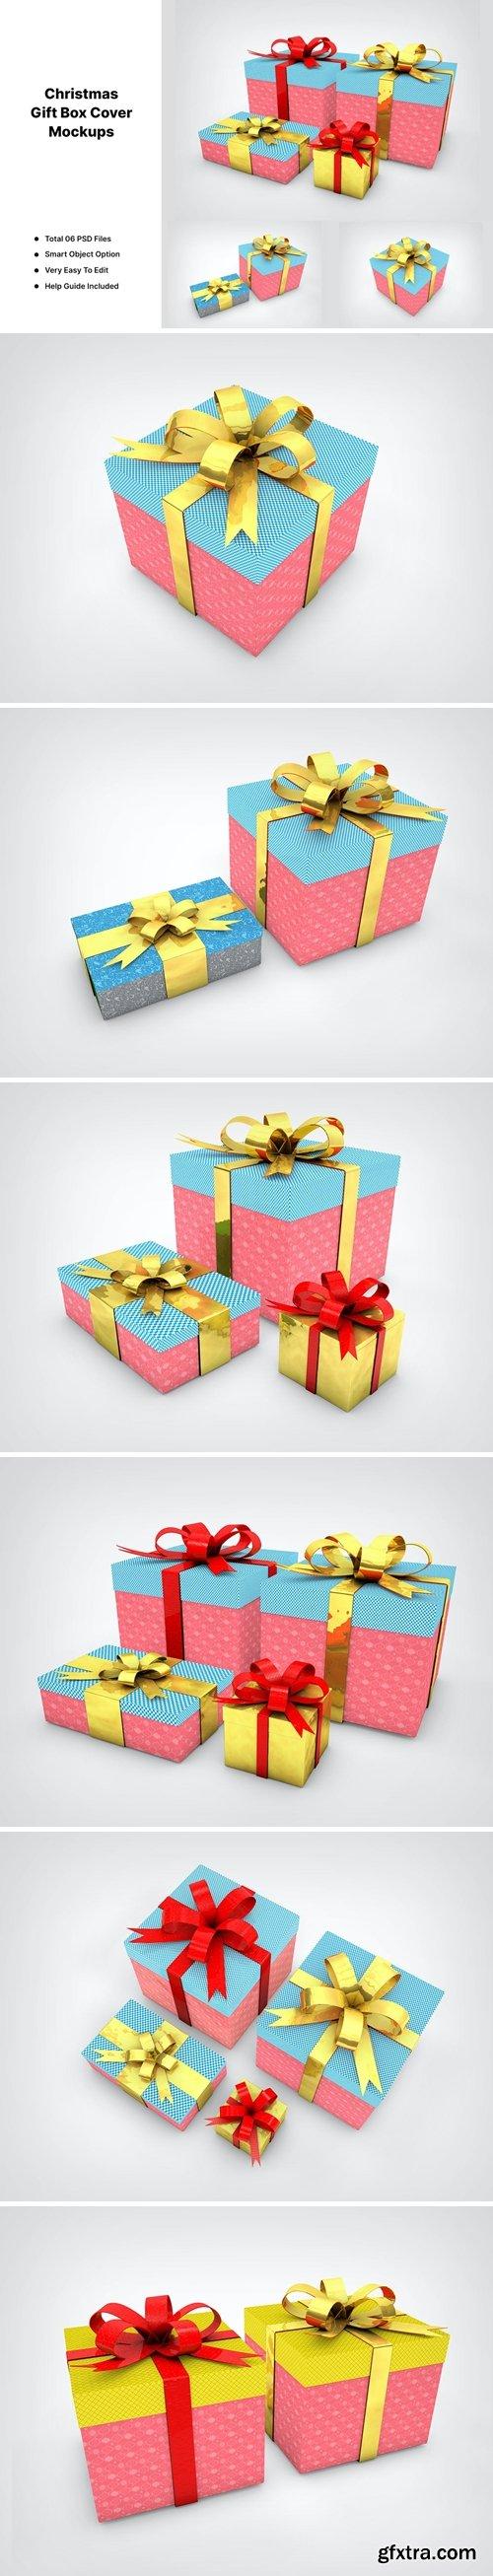 Christmas Gift Box Mockups